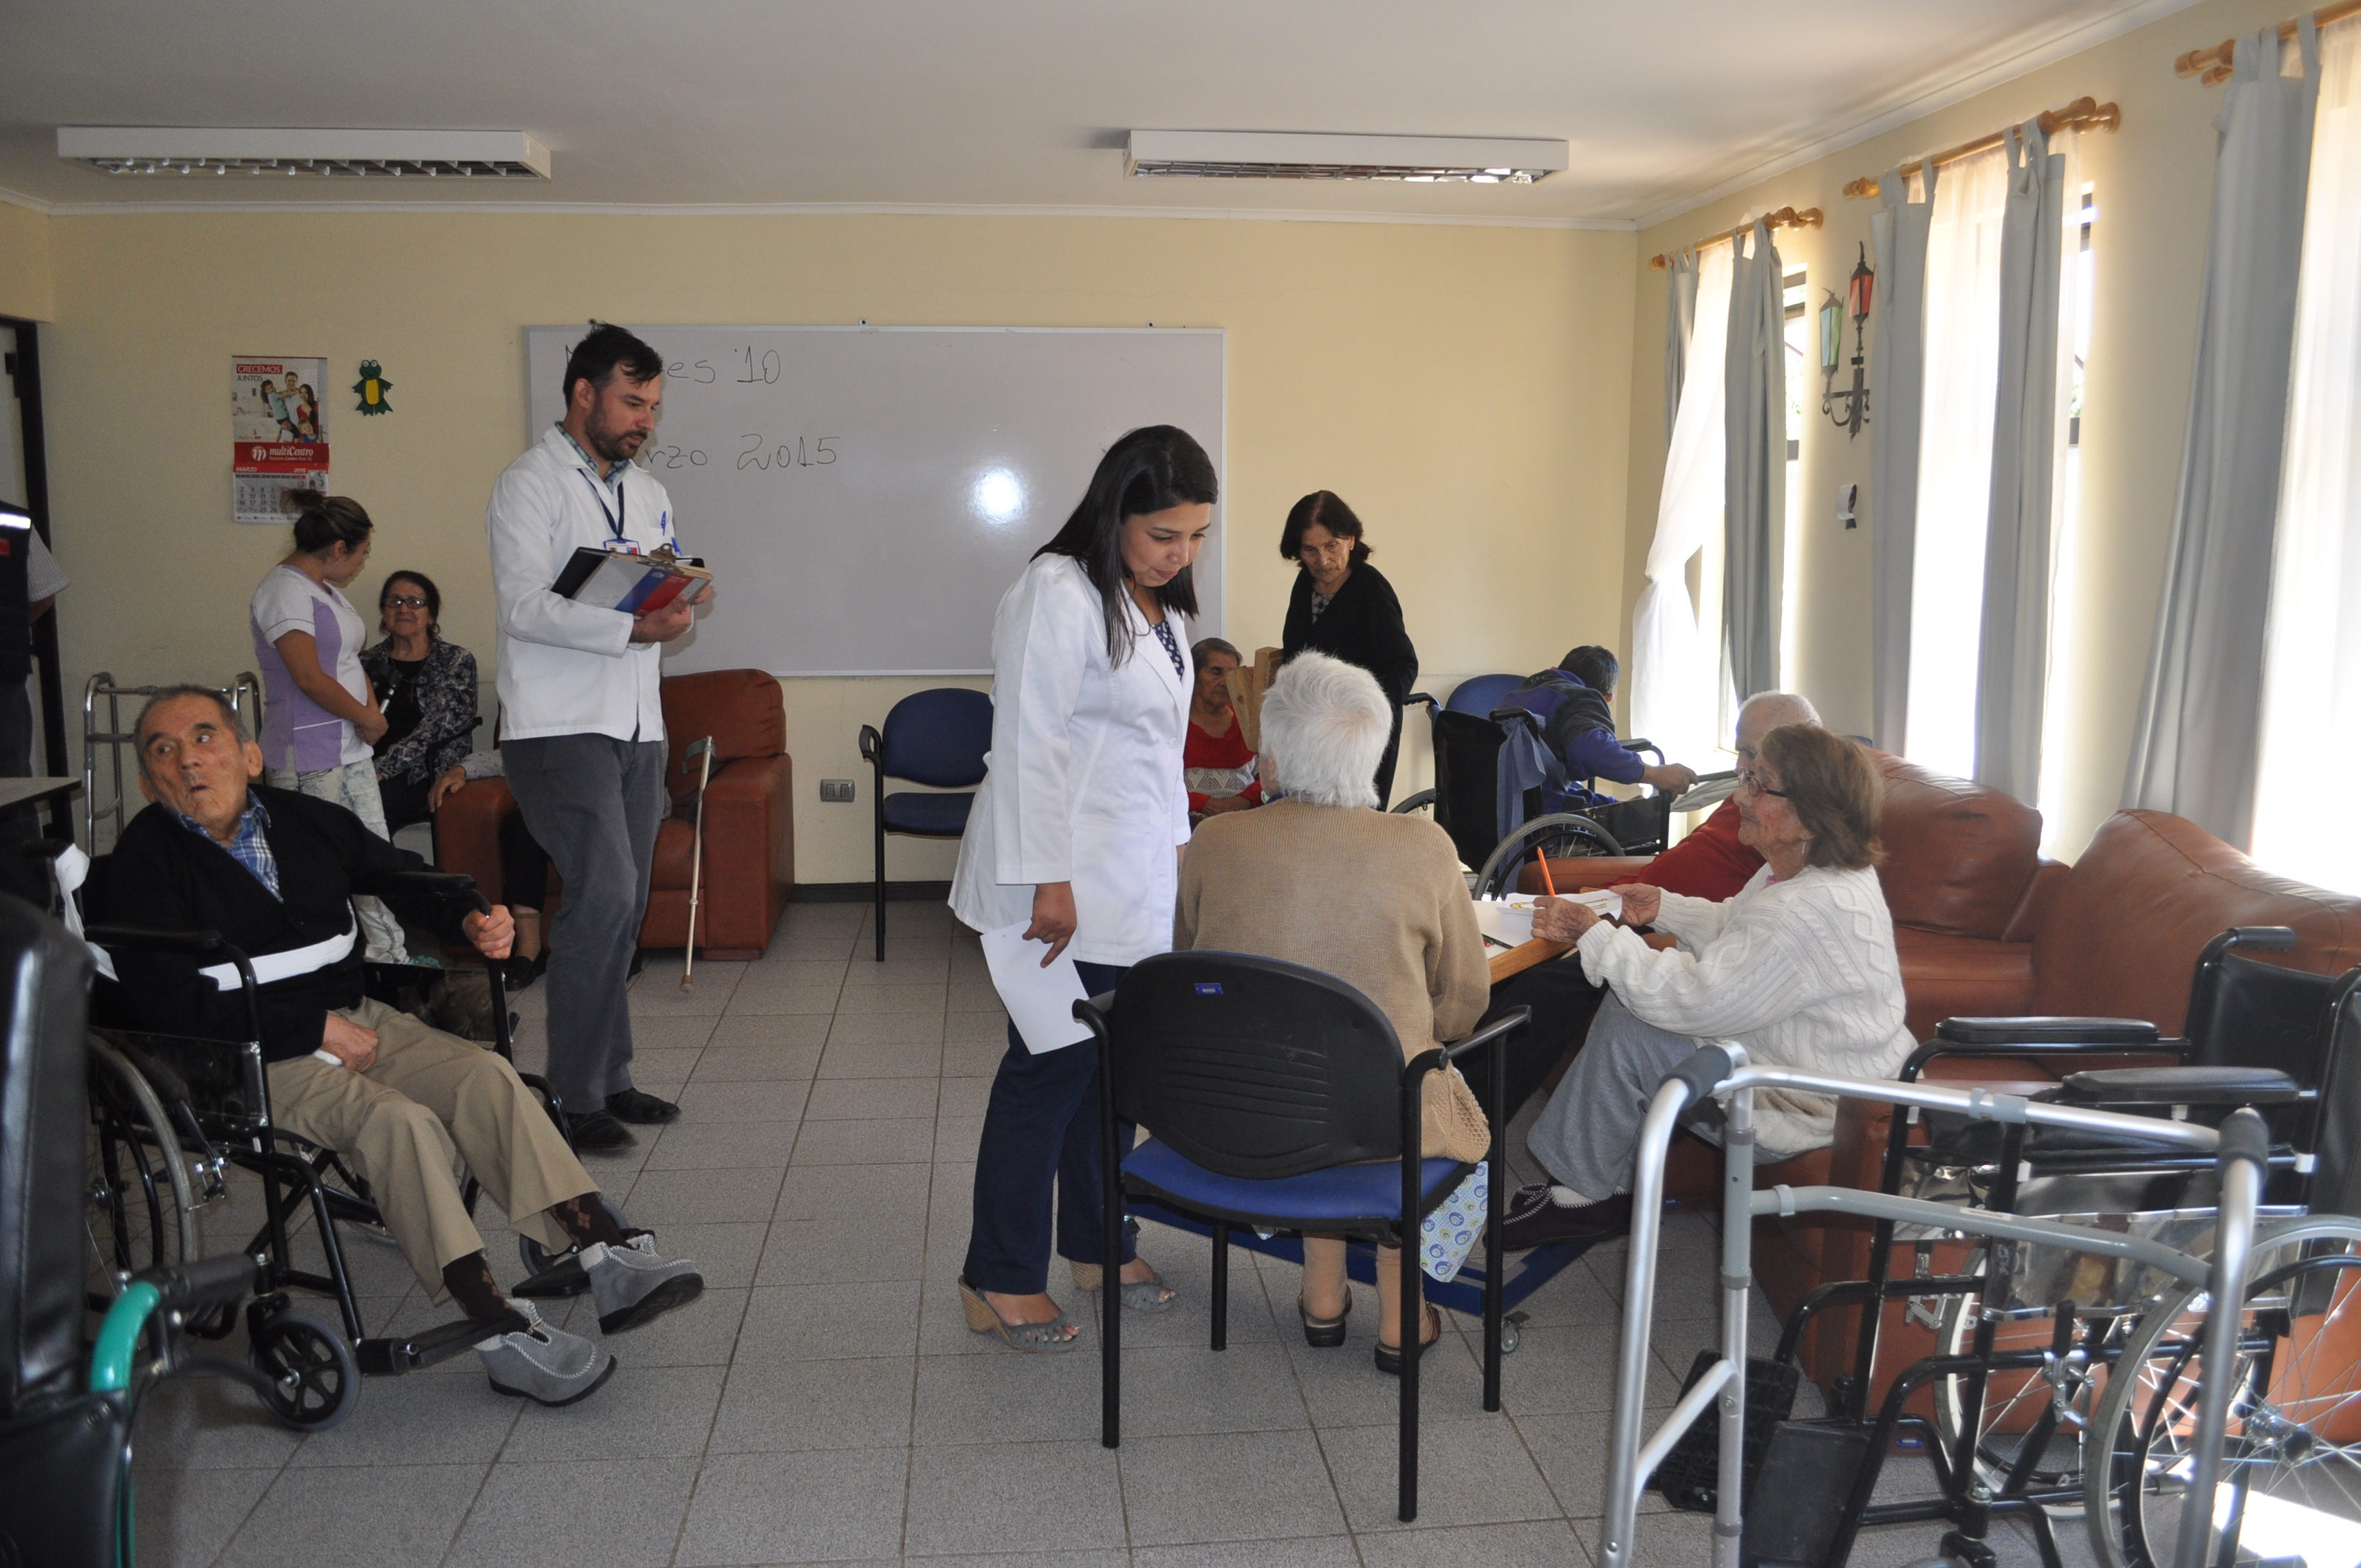 Establecimientos para adultos mayores pasan fiscalización en Cauquenes